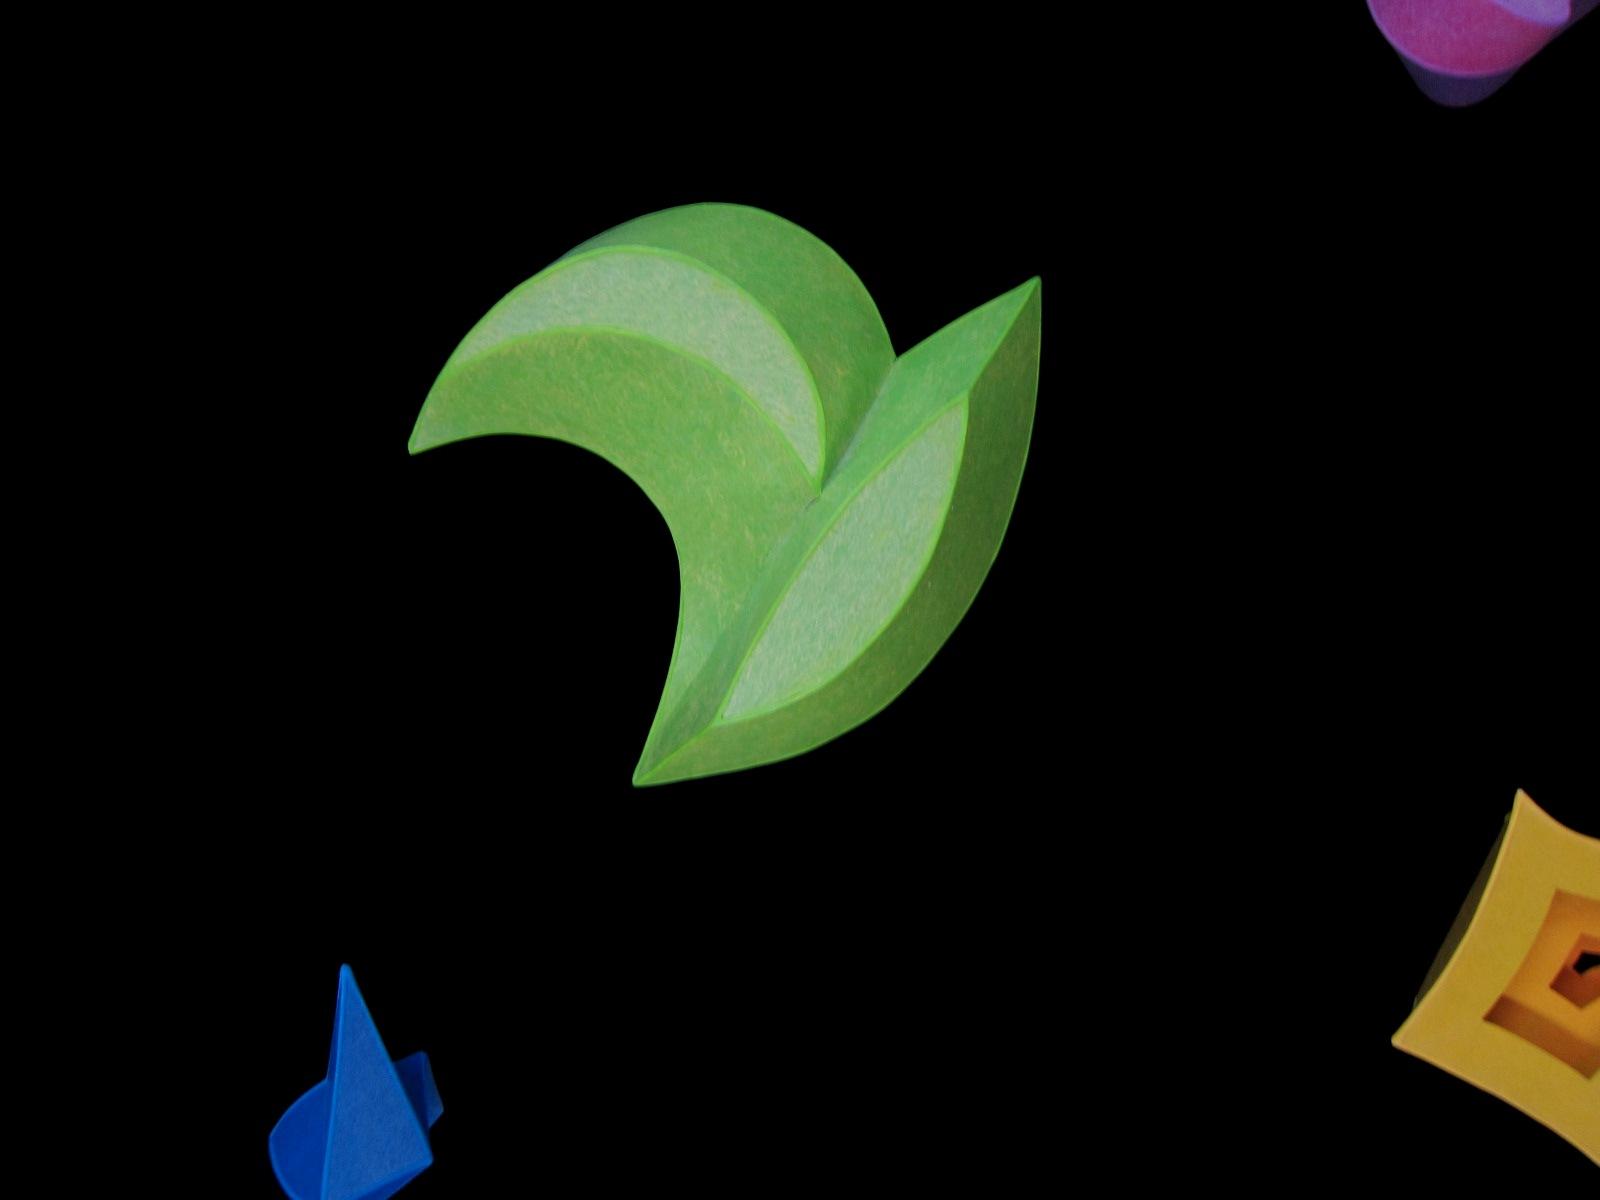 2212)「毛内やすはる<美術作家> [結晶]」 JRタワーARTBOX 9月1日(日)~11月30日(土)_f0126829_859305.jpg